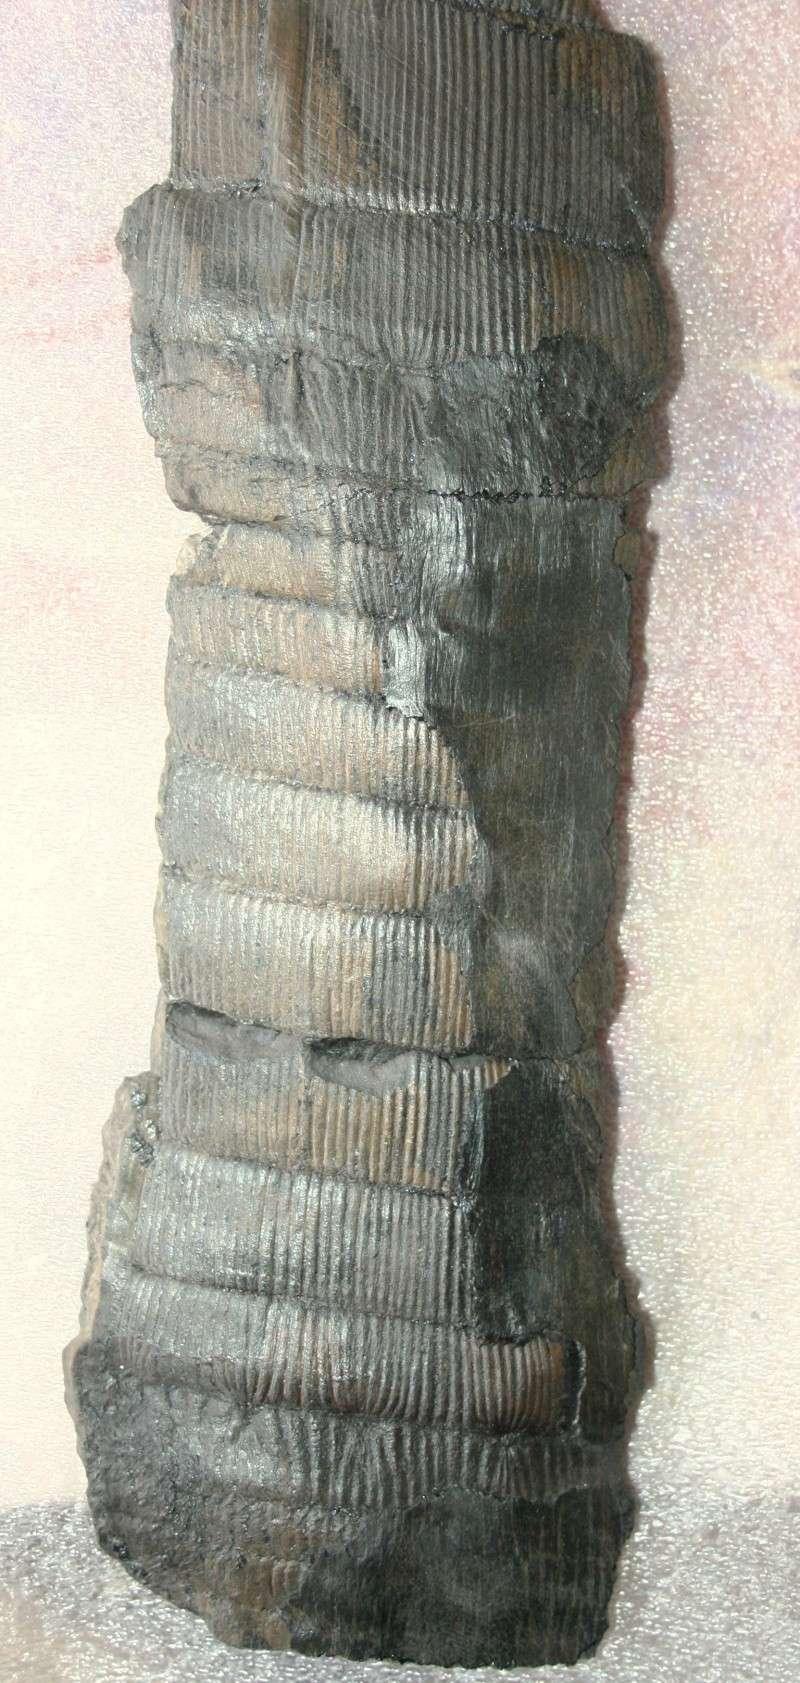 Calamites Schlotheim ,1820.  Annularia sternberg , 1822 .  Img_4514